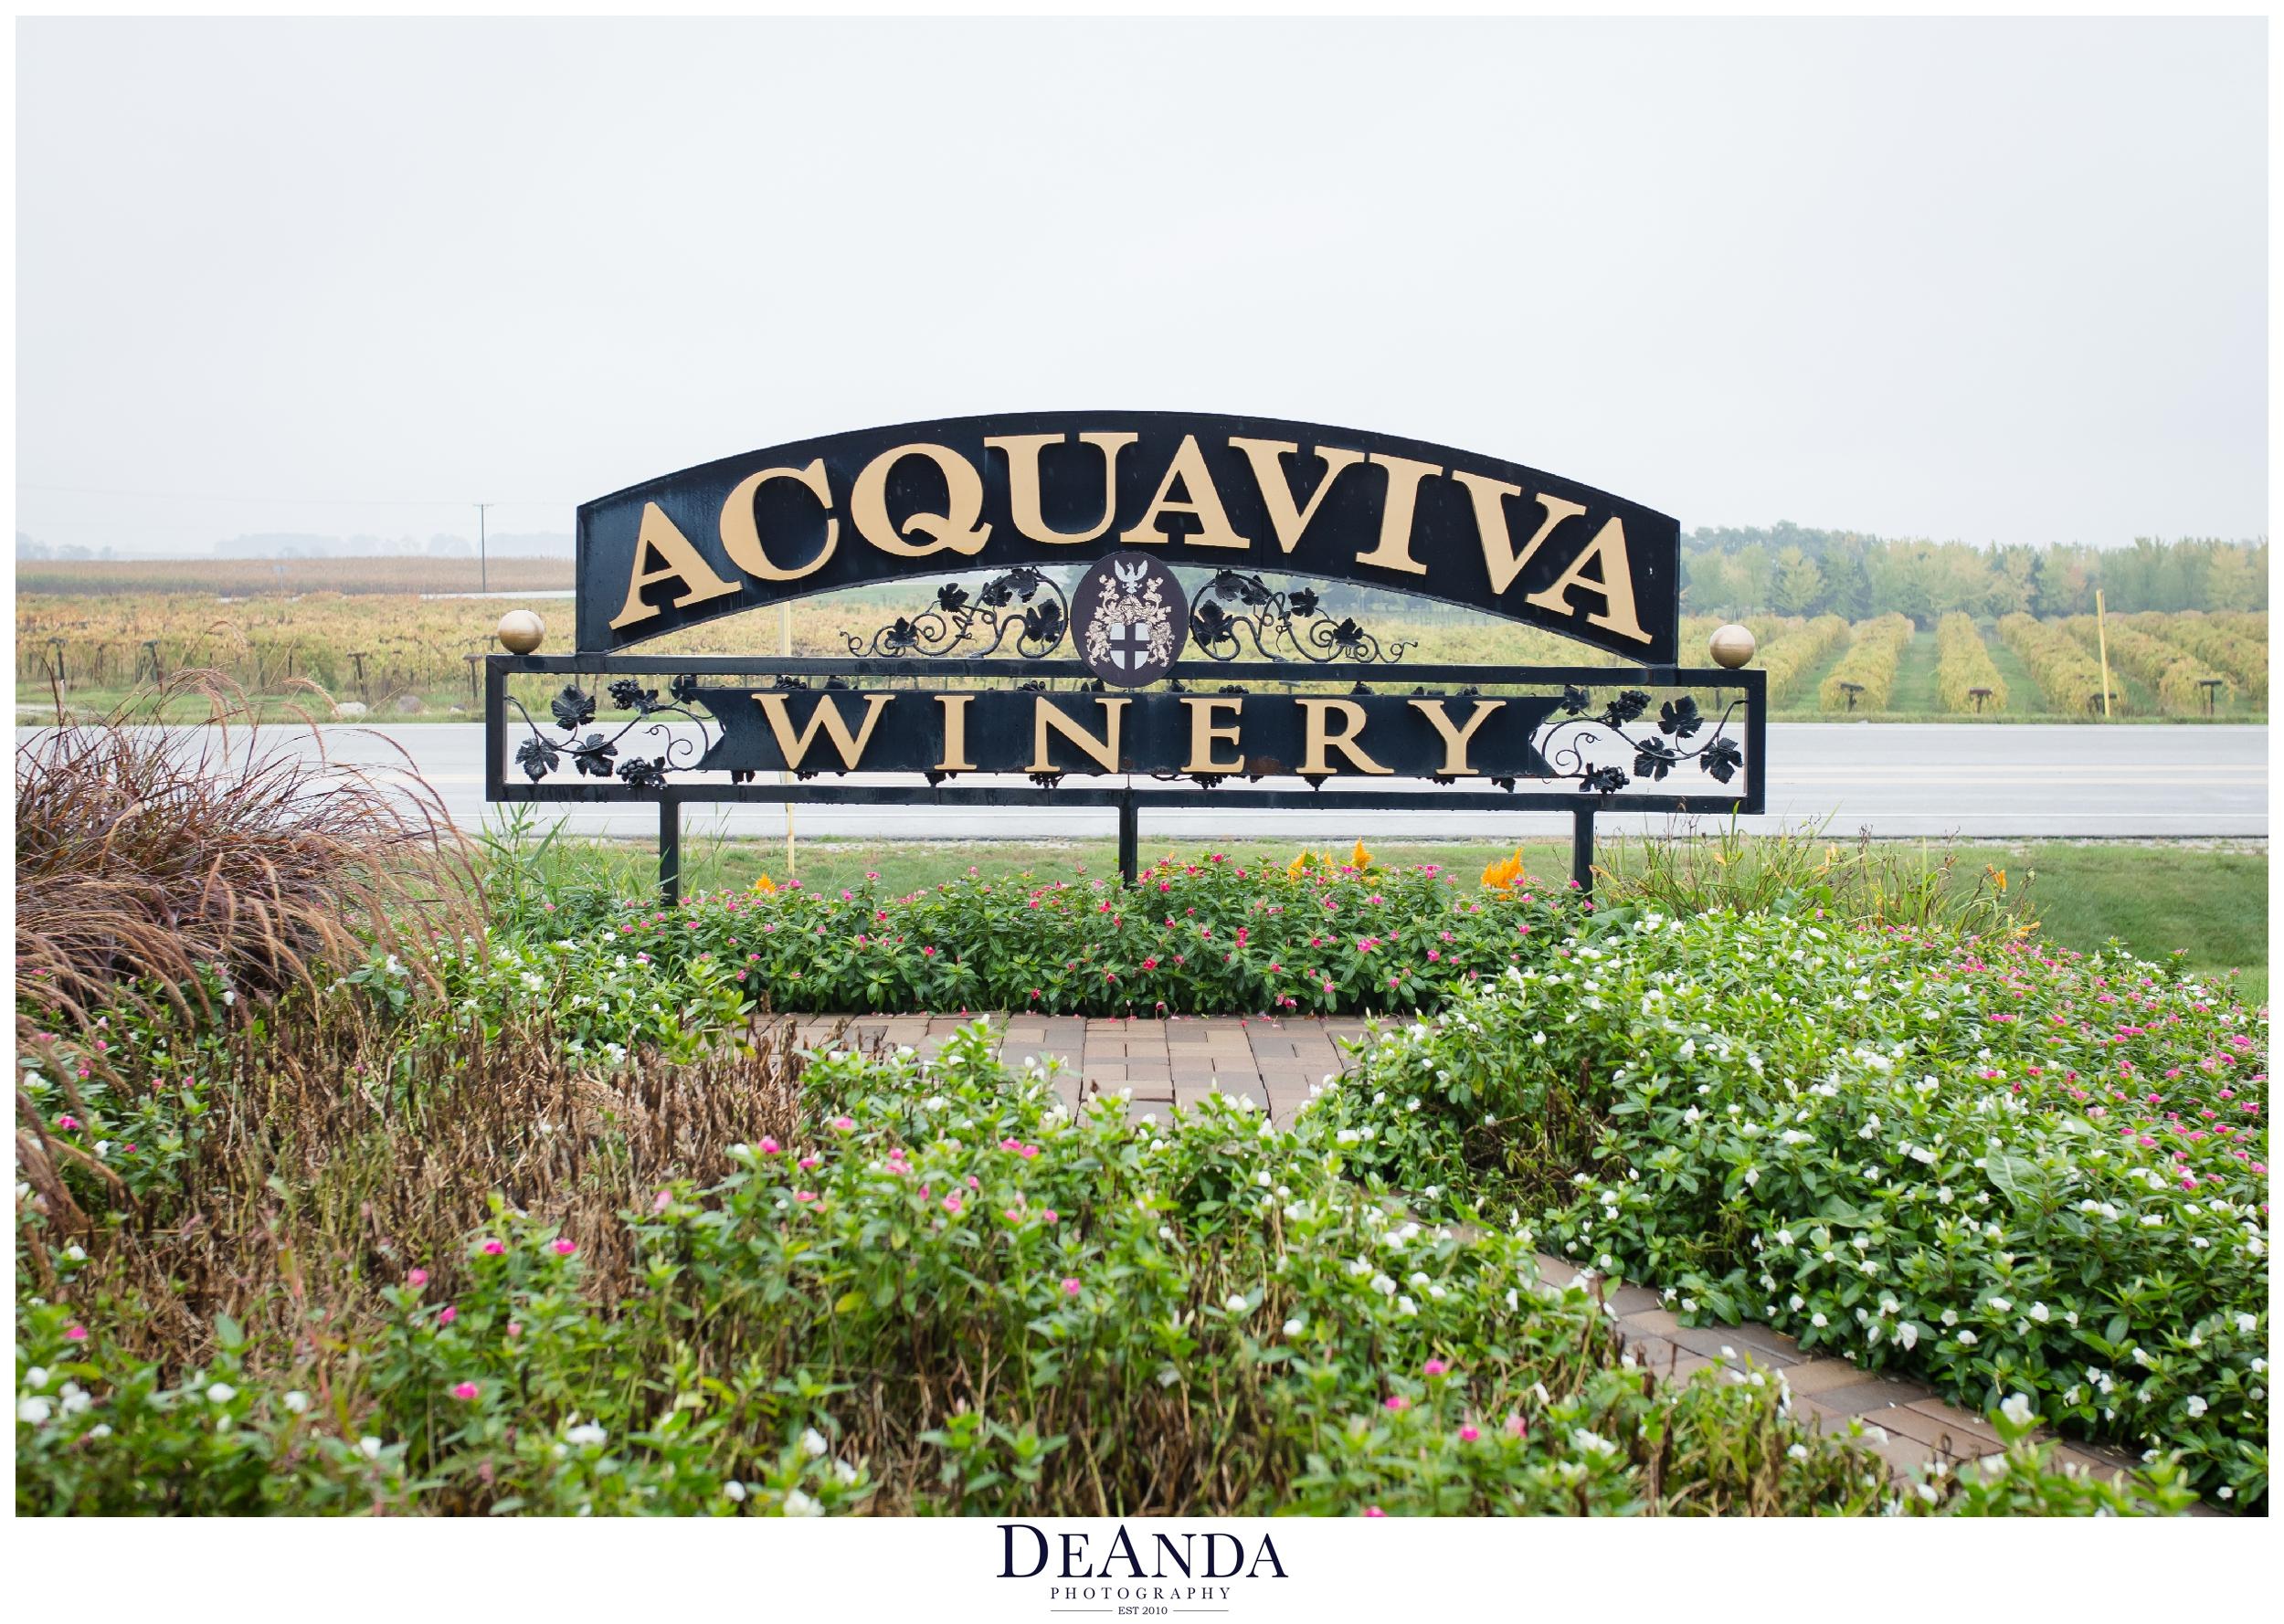 acquaviva winery maple park illinois wedding venue